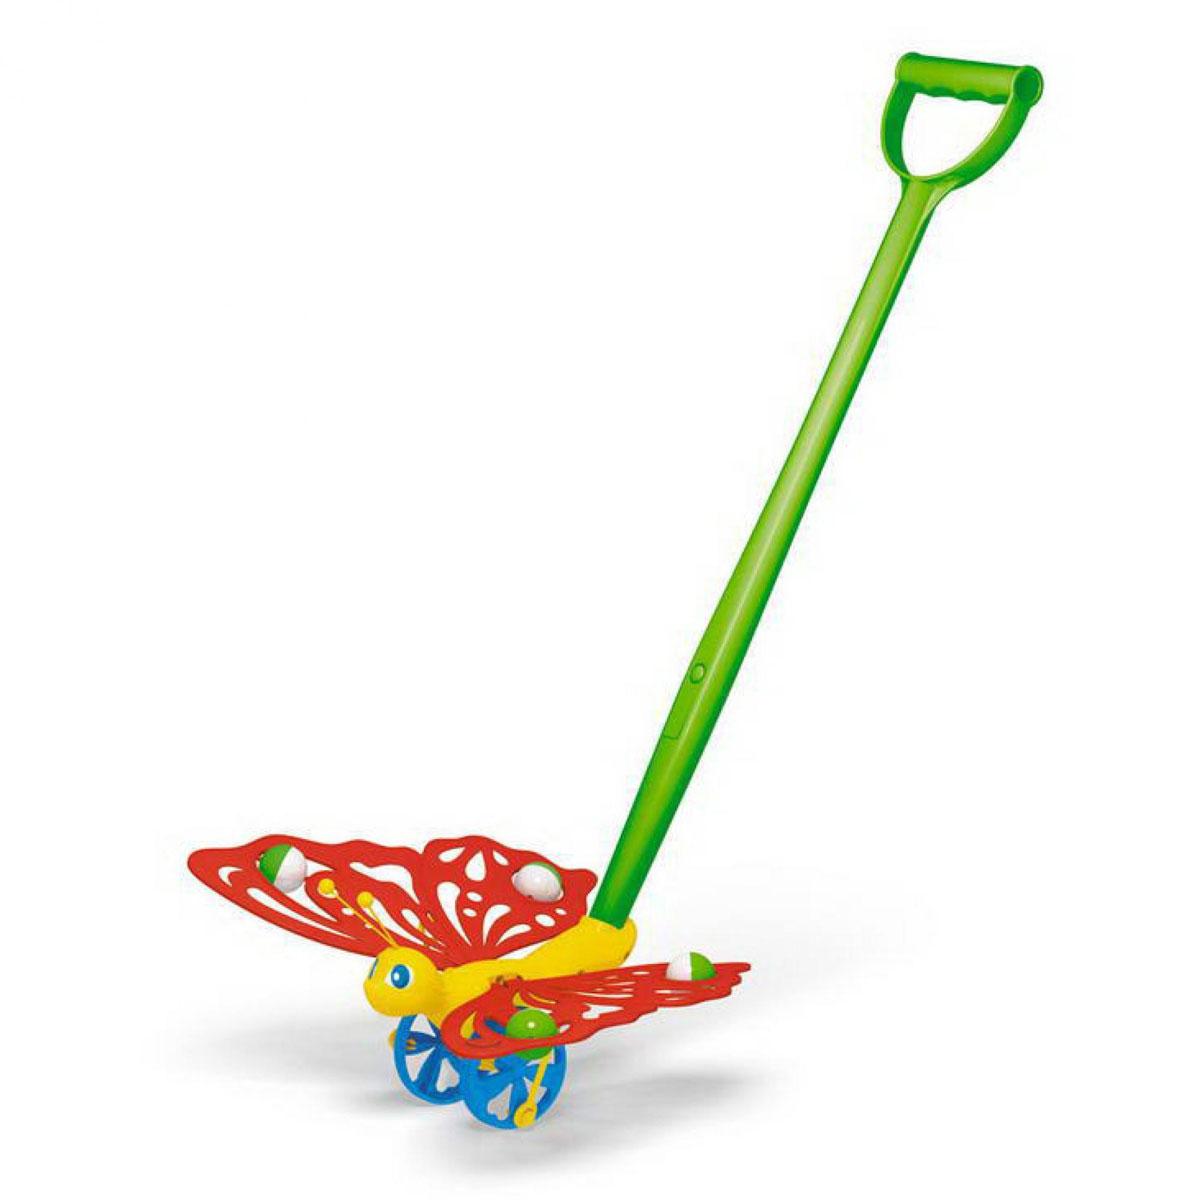 Stellar Игрушка-каталка Бабочка01363Яркая игрушка-каталка Stellar Бабочка непременно понравится вашему малышу и подойдет для игры, как дома, так и на свежем воздухе. Игрушка выполнена из прочного пластика в виде симпатичной бабочки на колесиках. Бабочка порадует малыша своим веселым видом и движущимися крыльями. Игрушка-каталка Stellar Бабочка развивает пространственное мышление, цветовое восприятие, тактильные ощущения, ловкость и координацию движений.